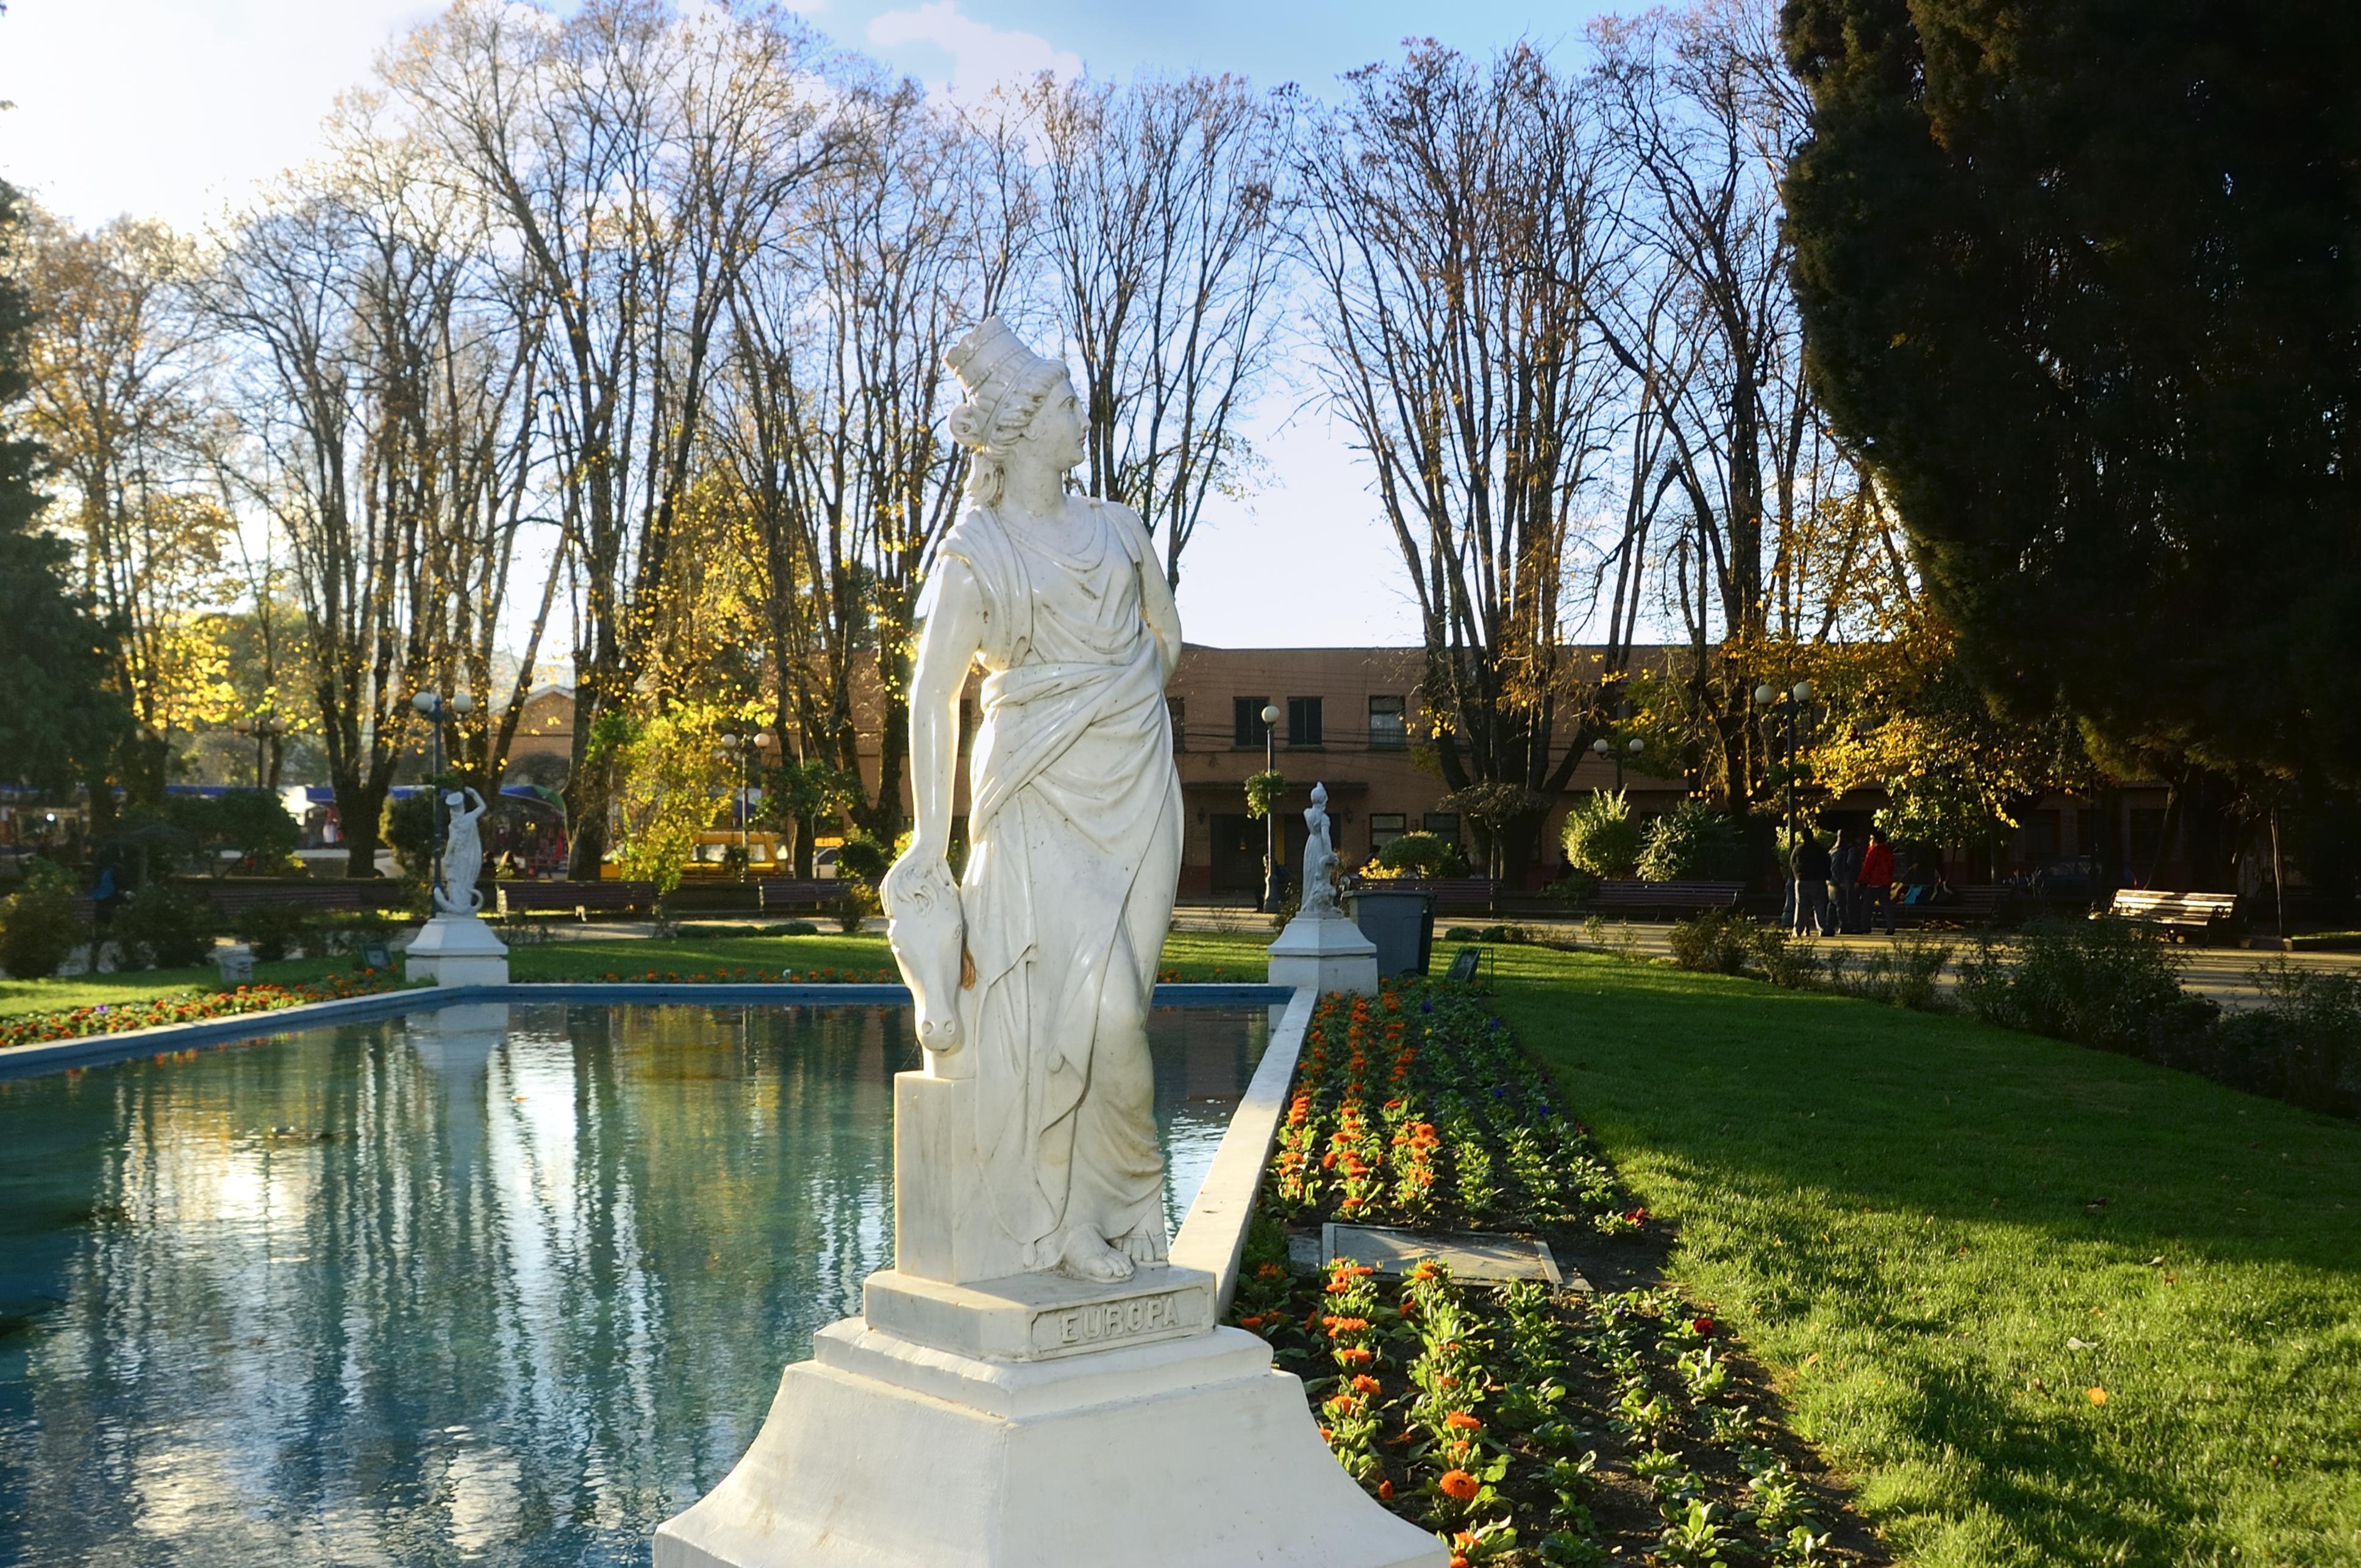 094 Monumento Espejo de Agua y cuatro Esculturas de Marmol.